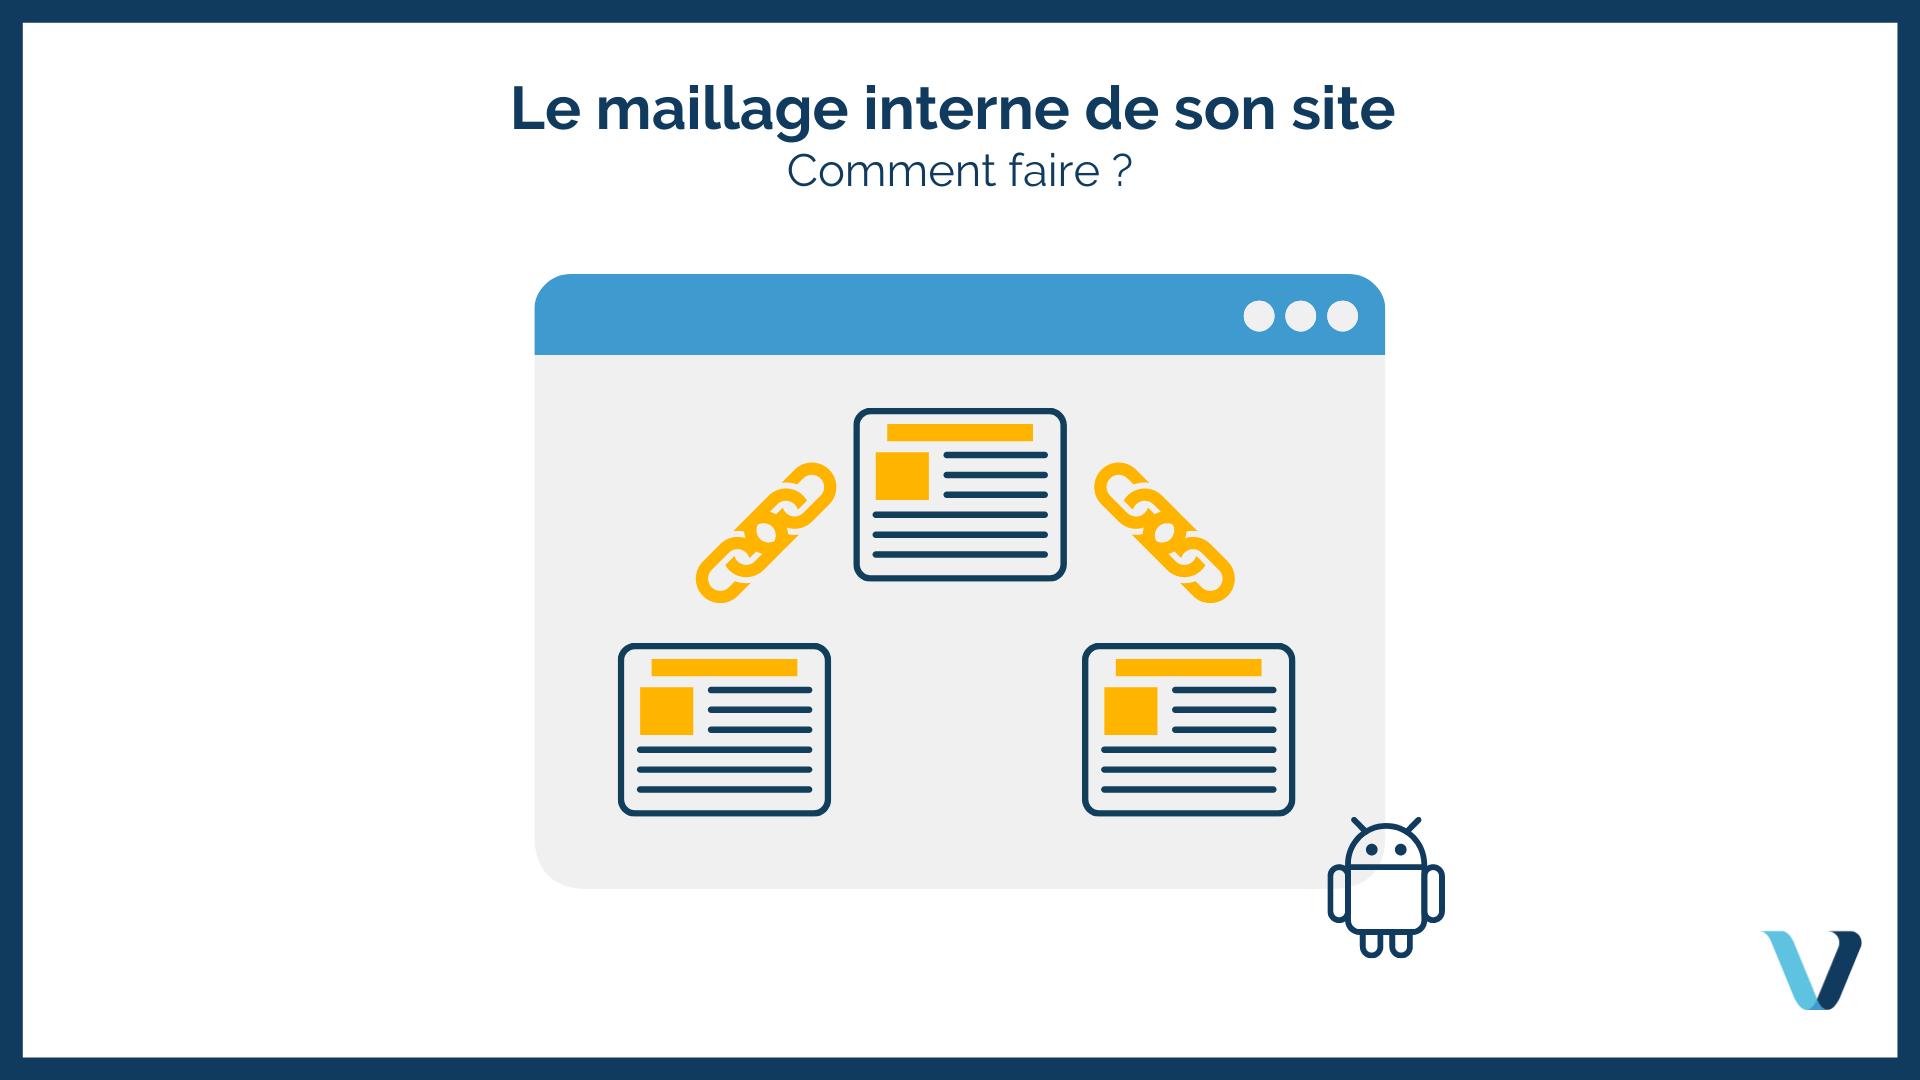 Maillage interne pour son site : comment faire ?